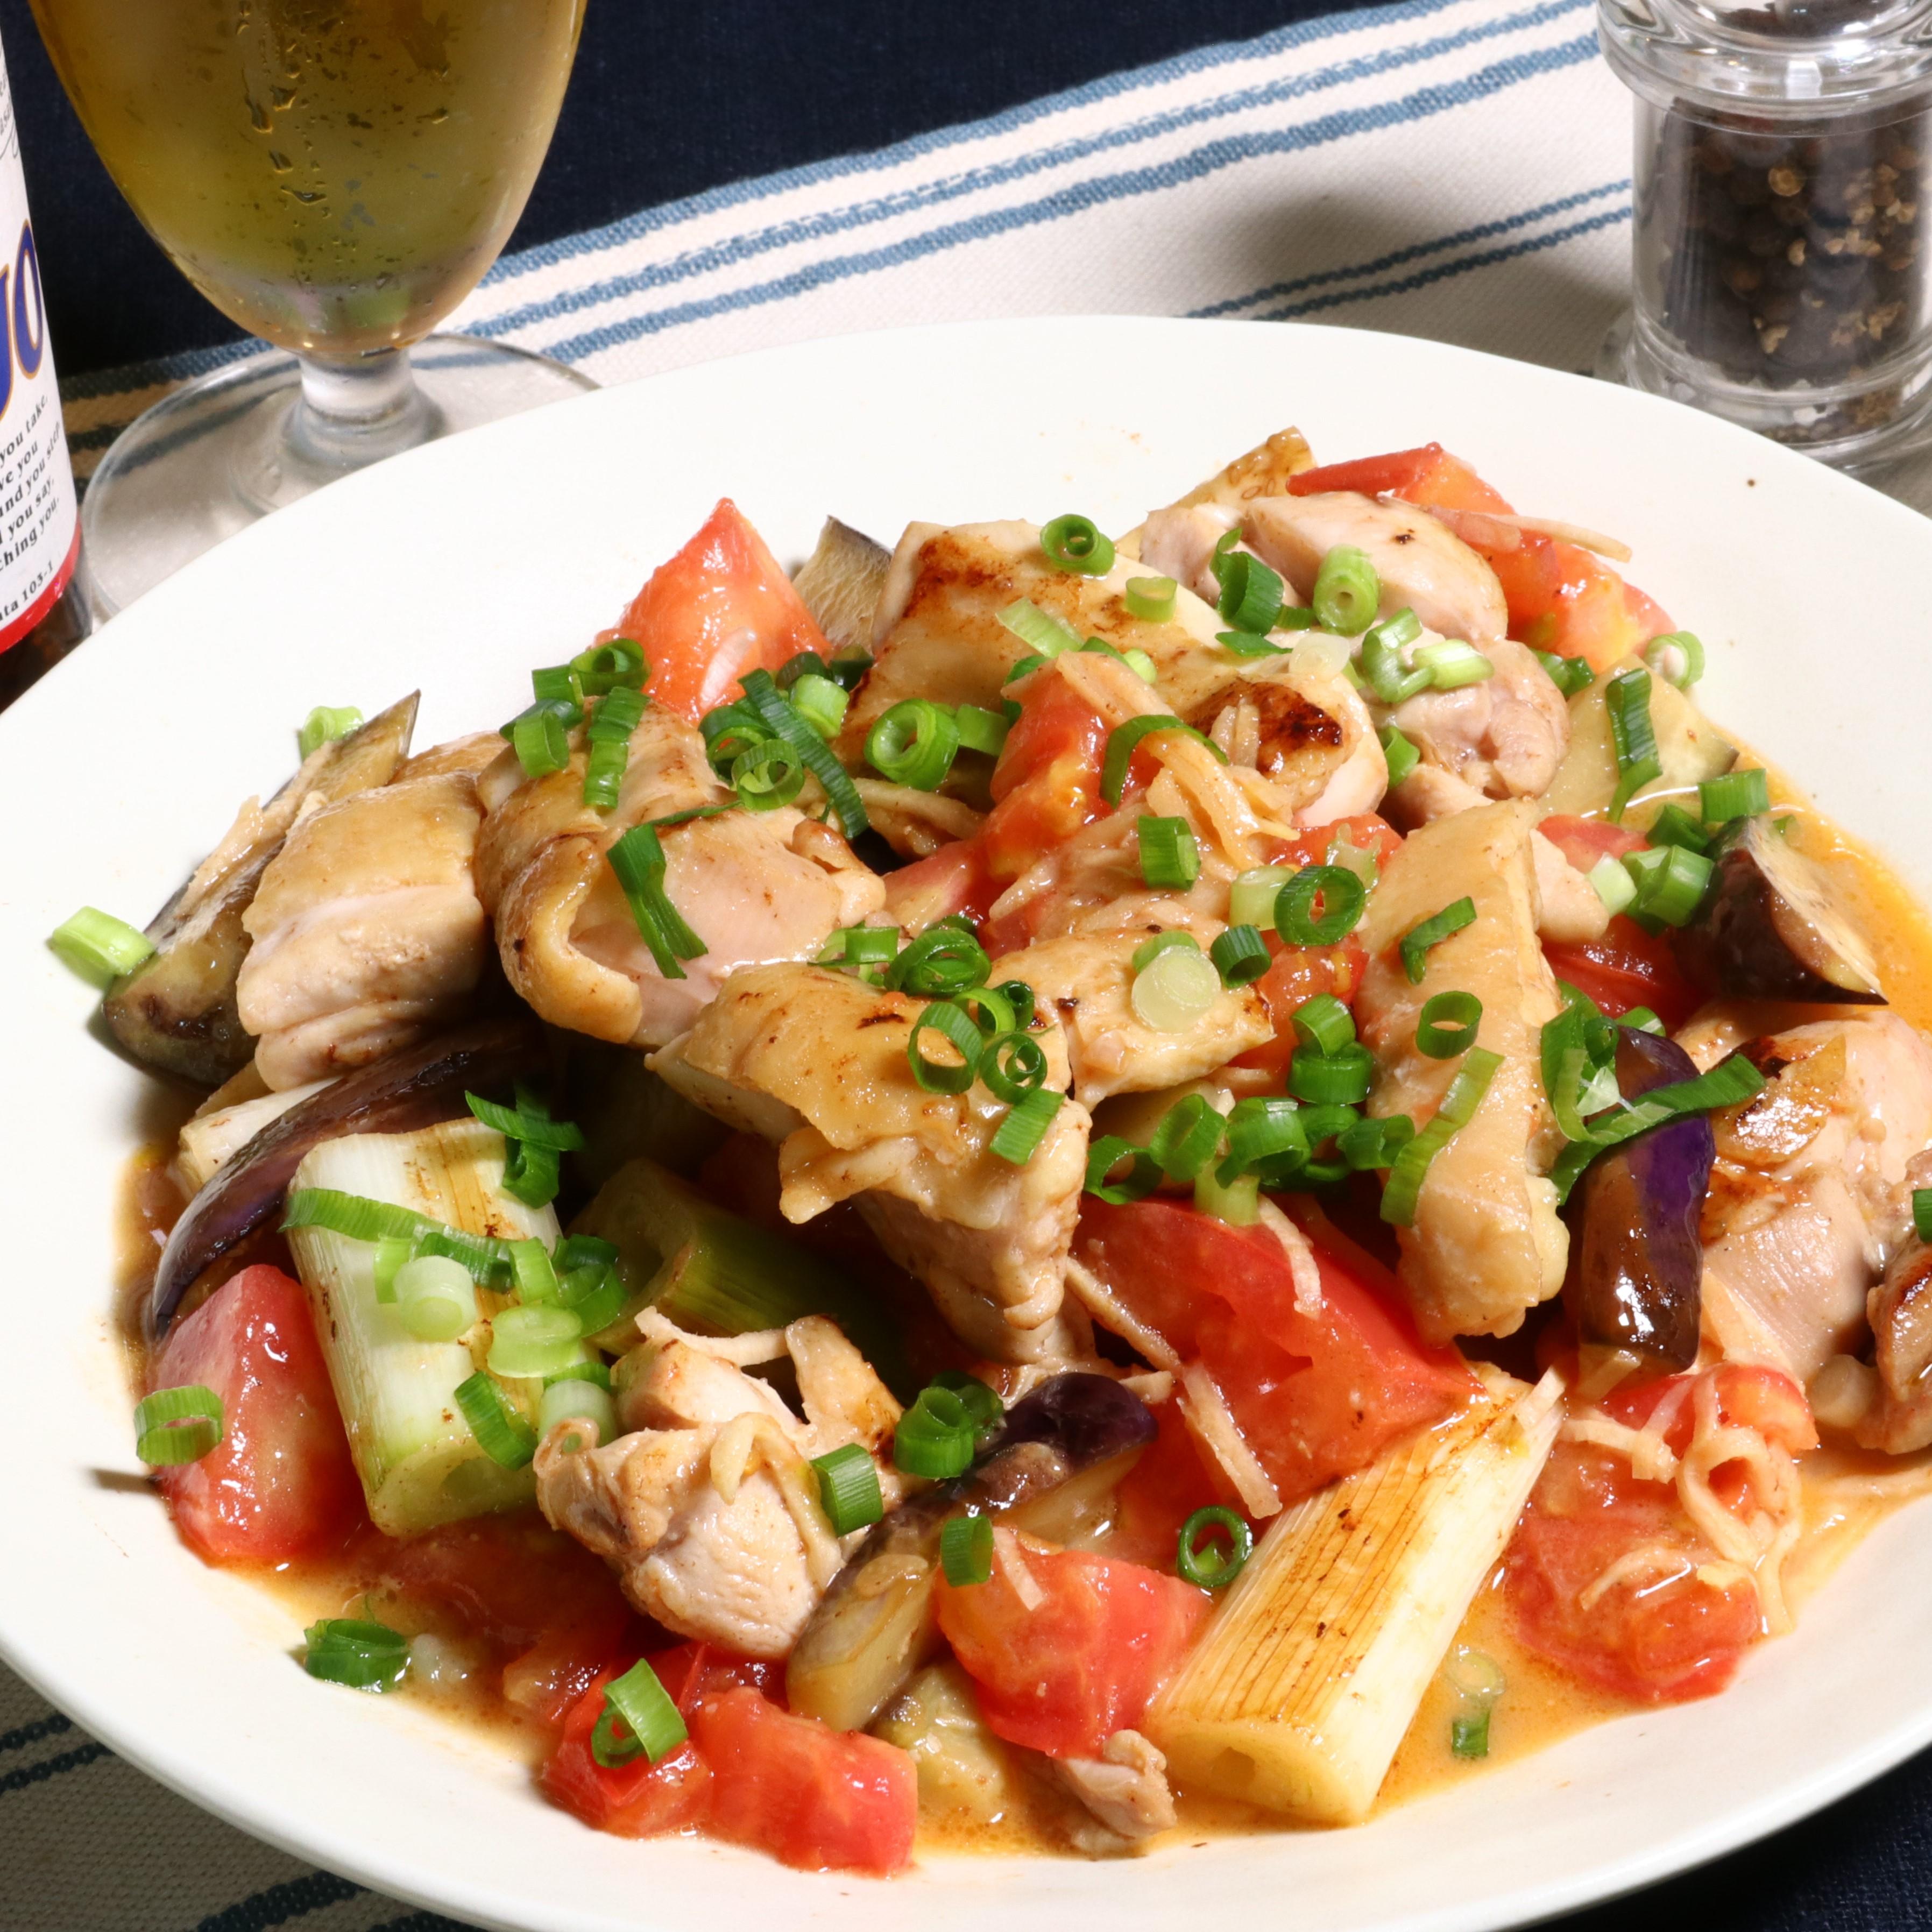 鶏モモ肉とナスのスタミナ炒め(こく旨醤油たれ)